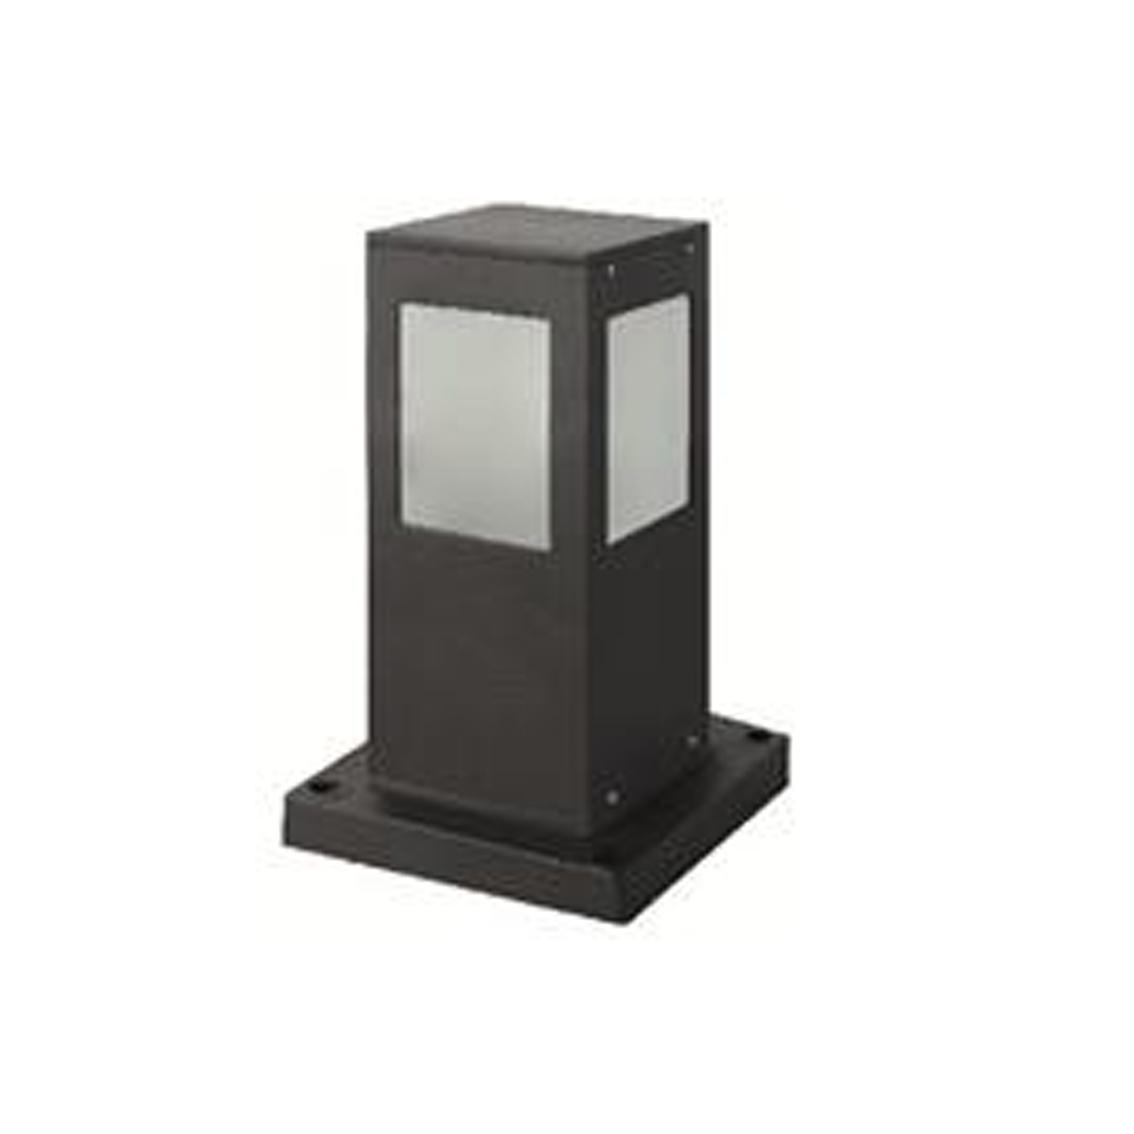 Vrtna lampa svjetiljka E27 HL KAVAK SQ-3 Horoz Elektro Vukojevic